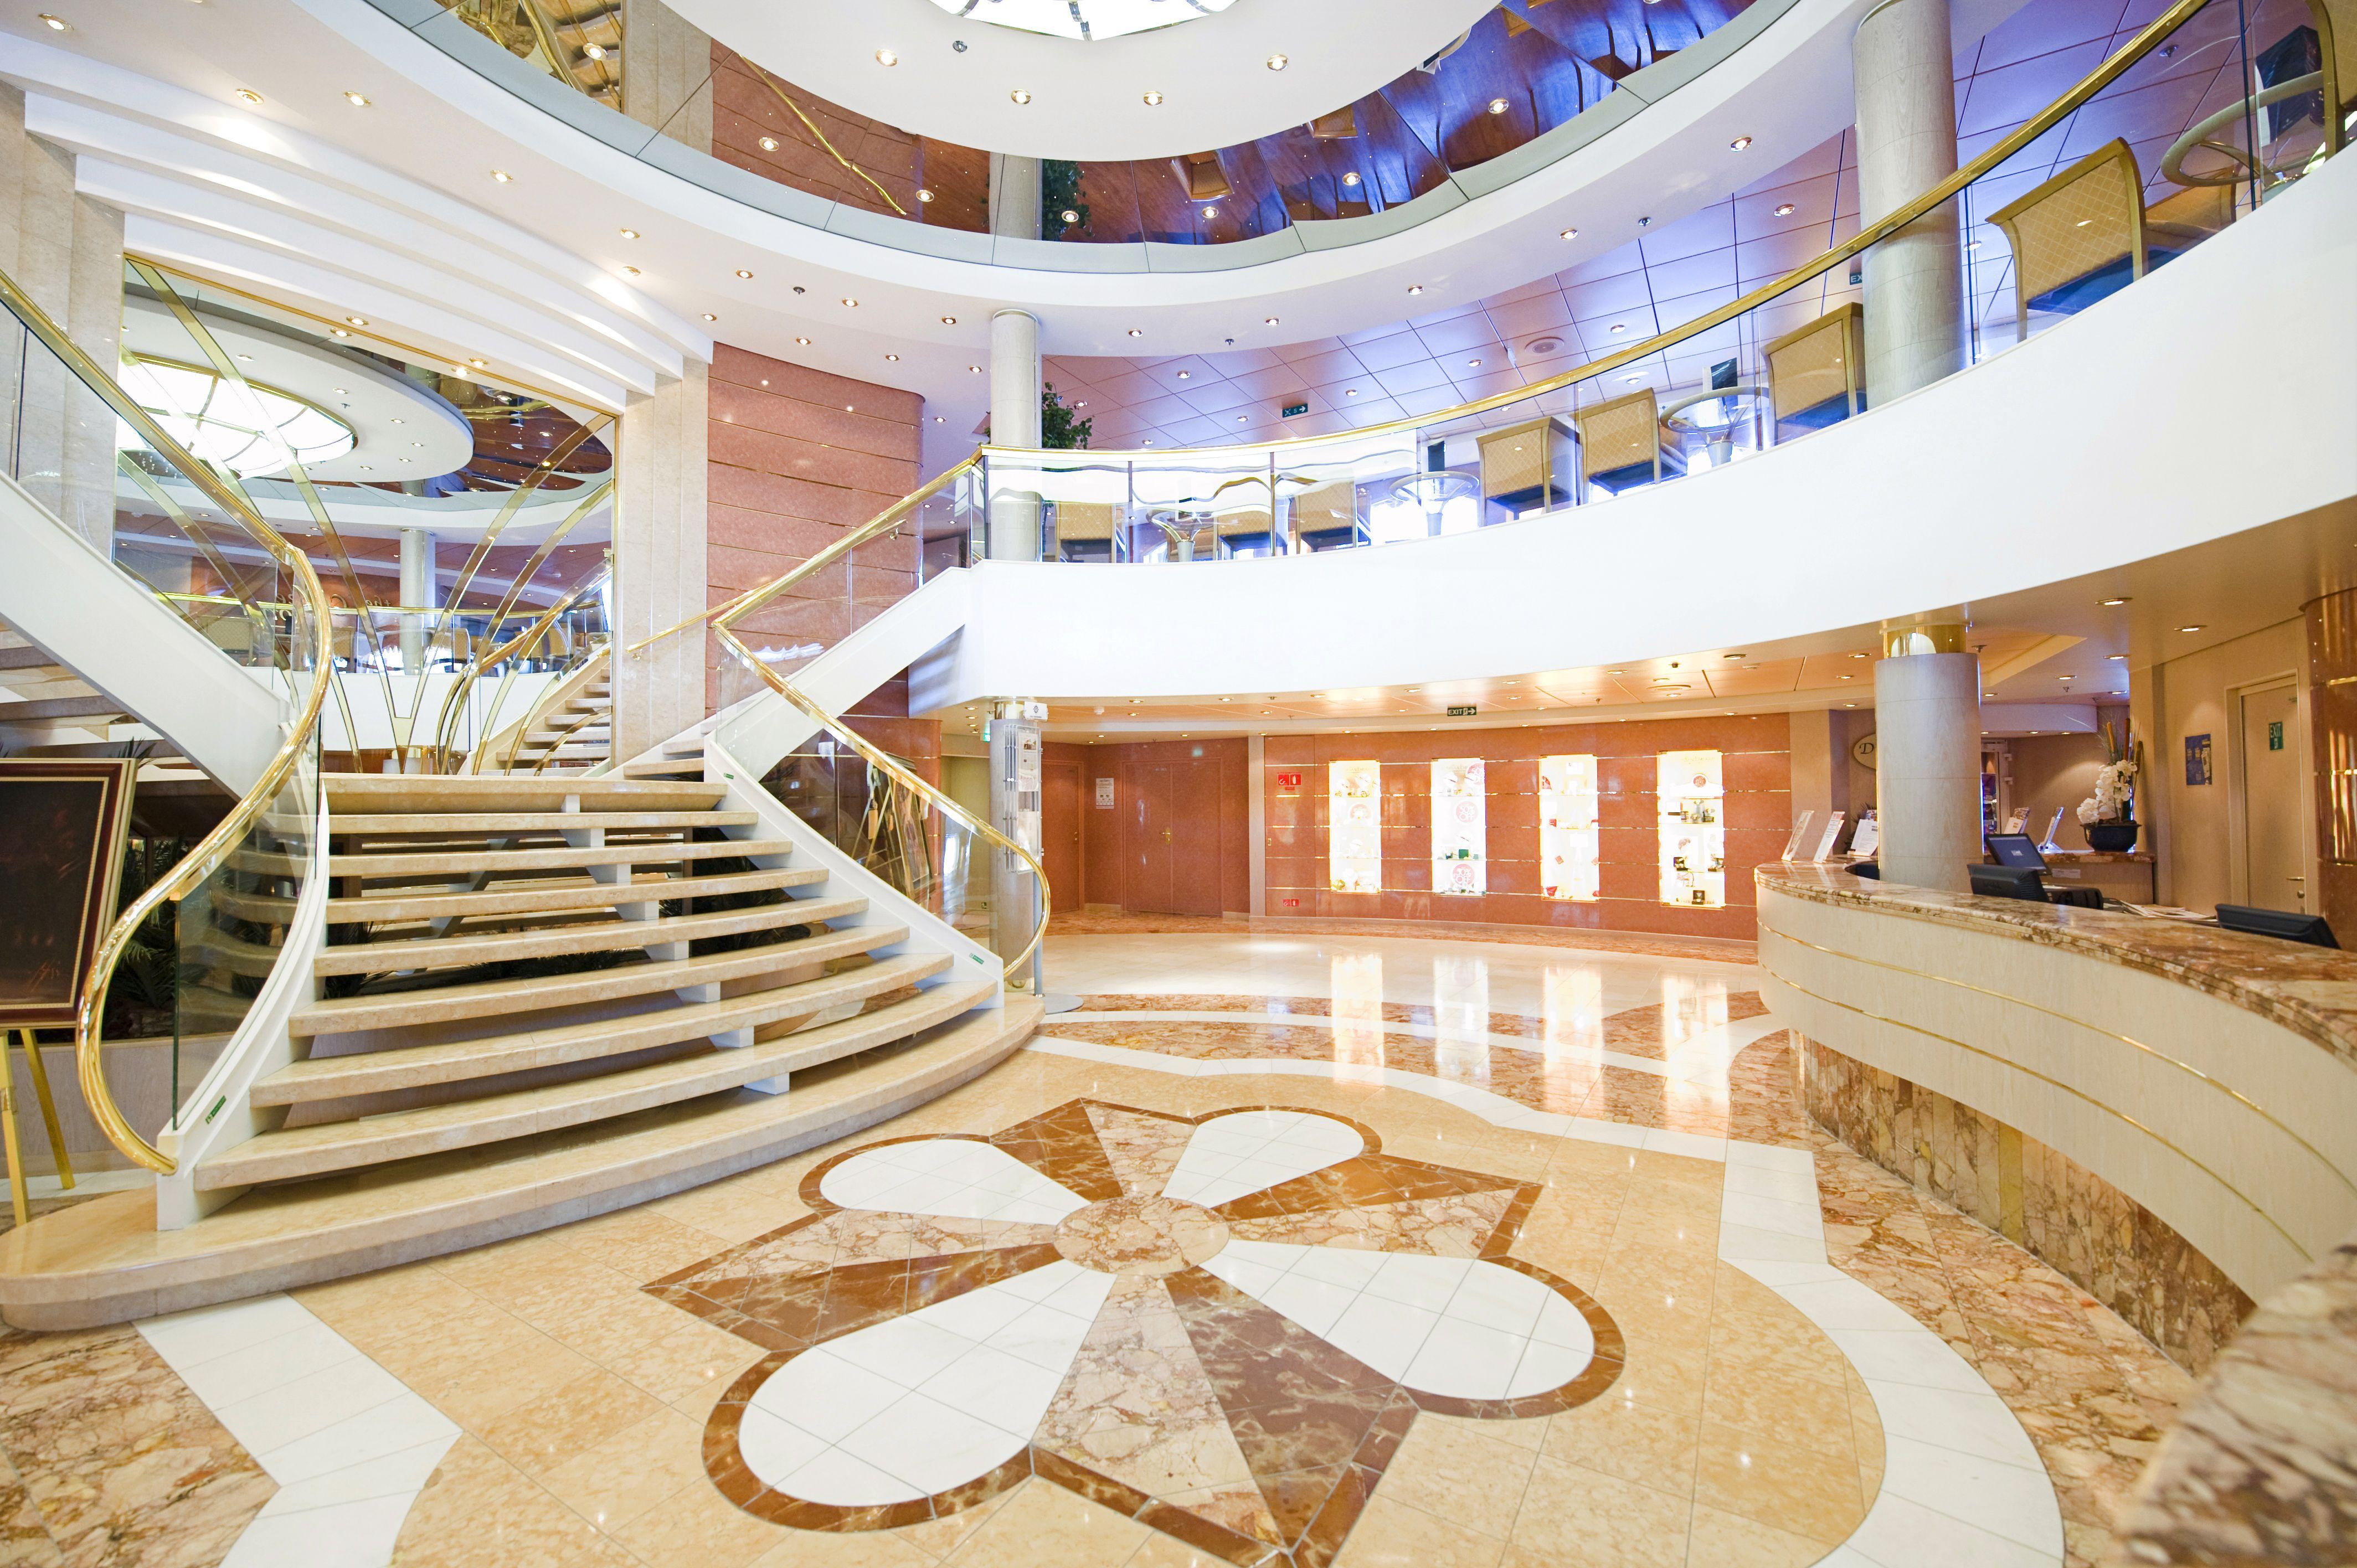 Msc Cruises Alle Cruises Van Msc Zeetours Cruises Reizen Cruises Cruise